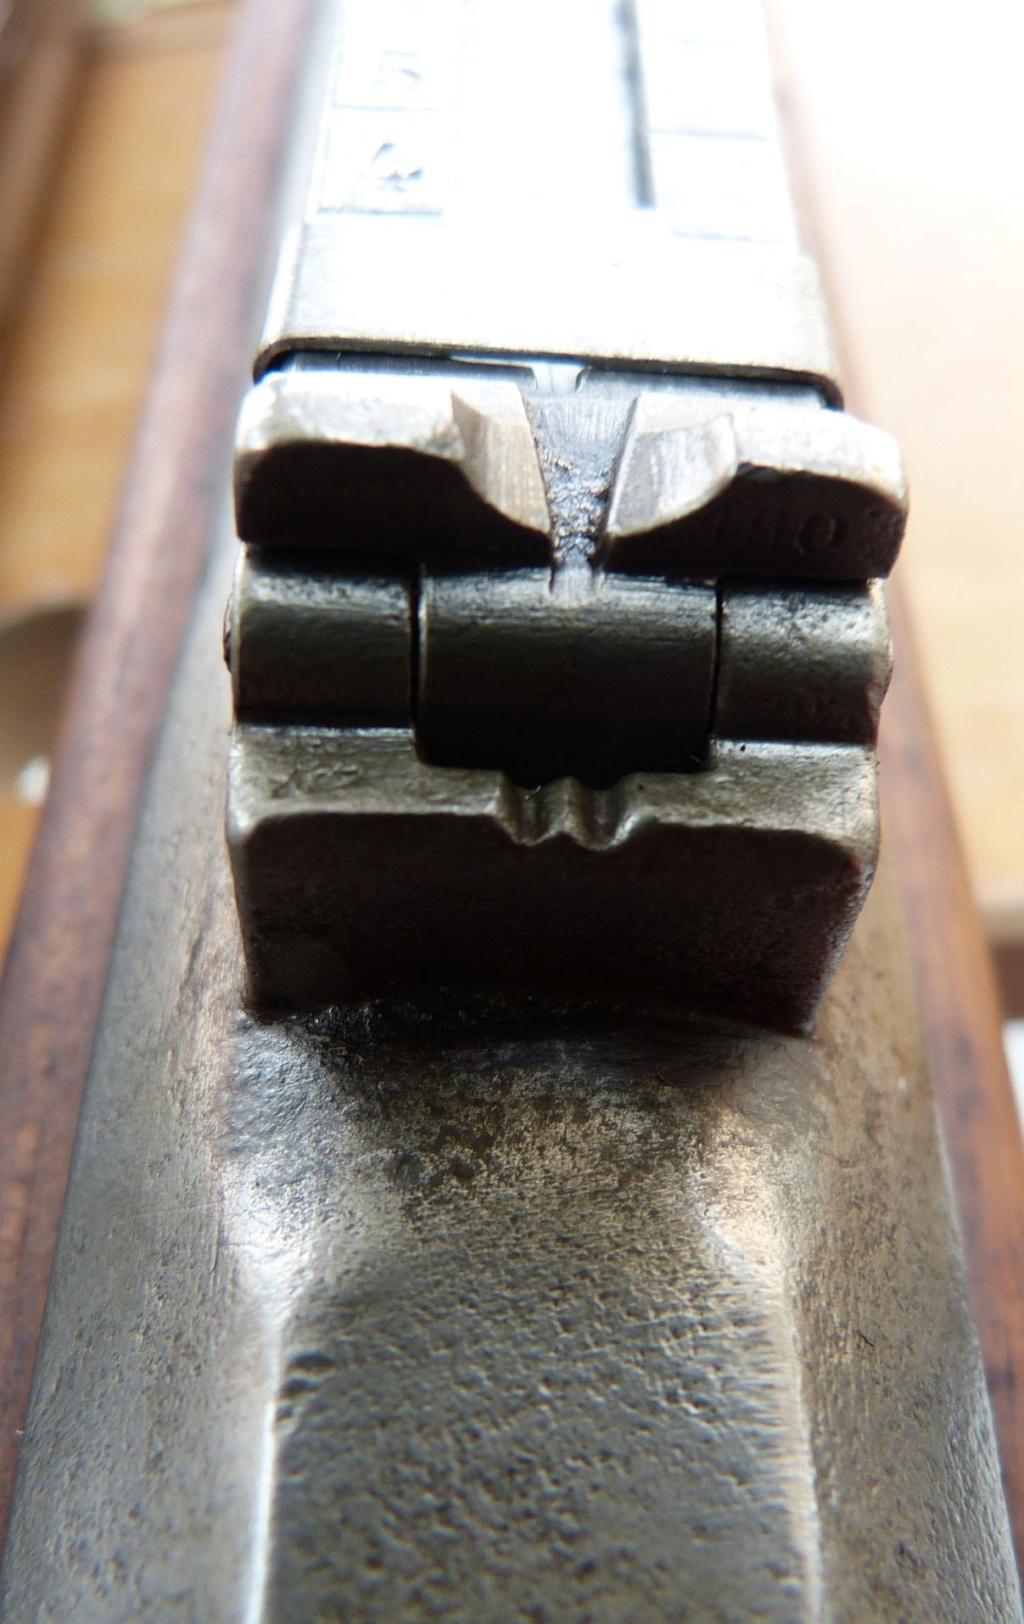 Mon fusil 1842 T-car - Page 2 P1050760